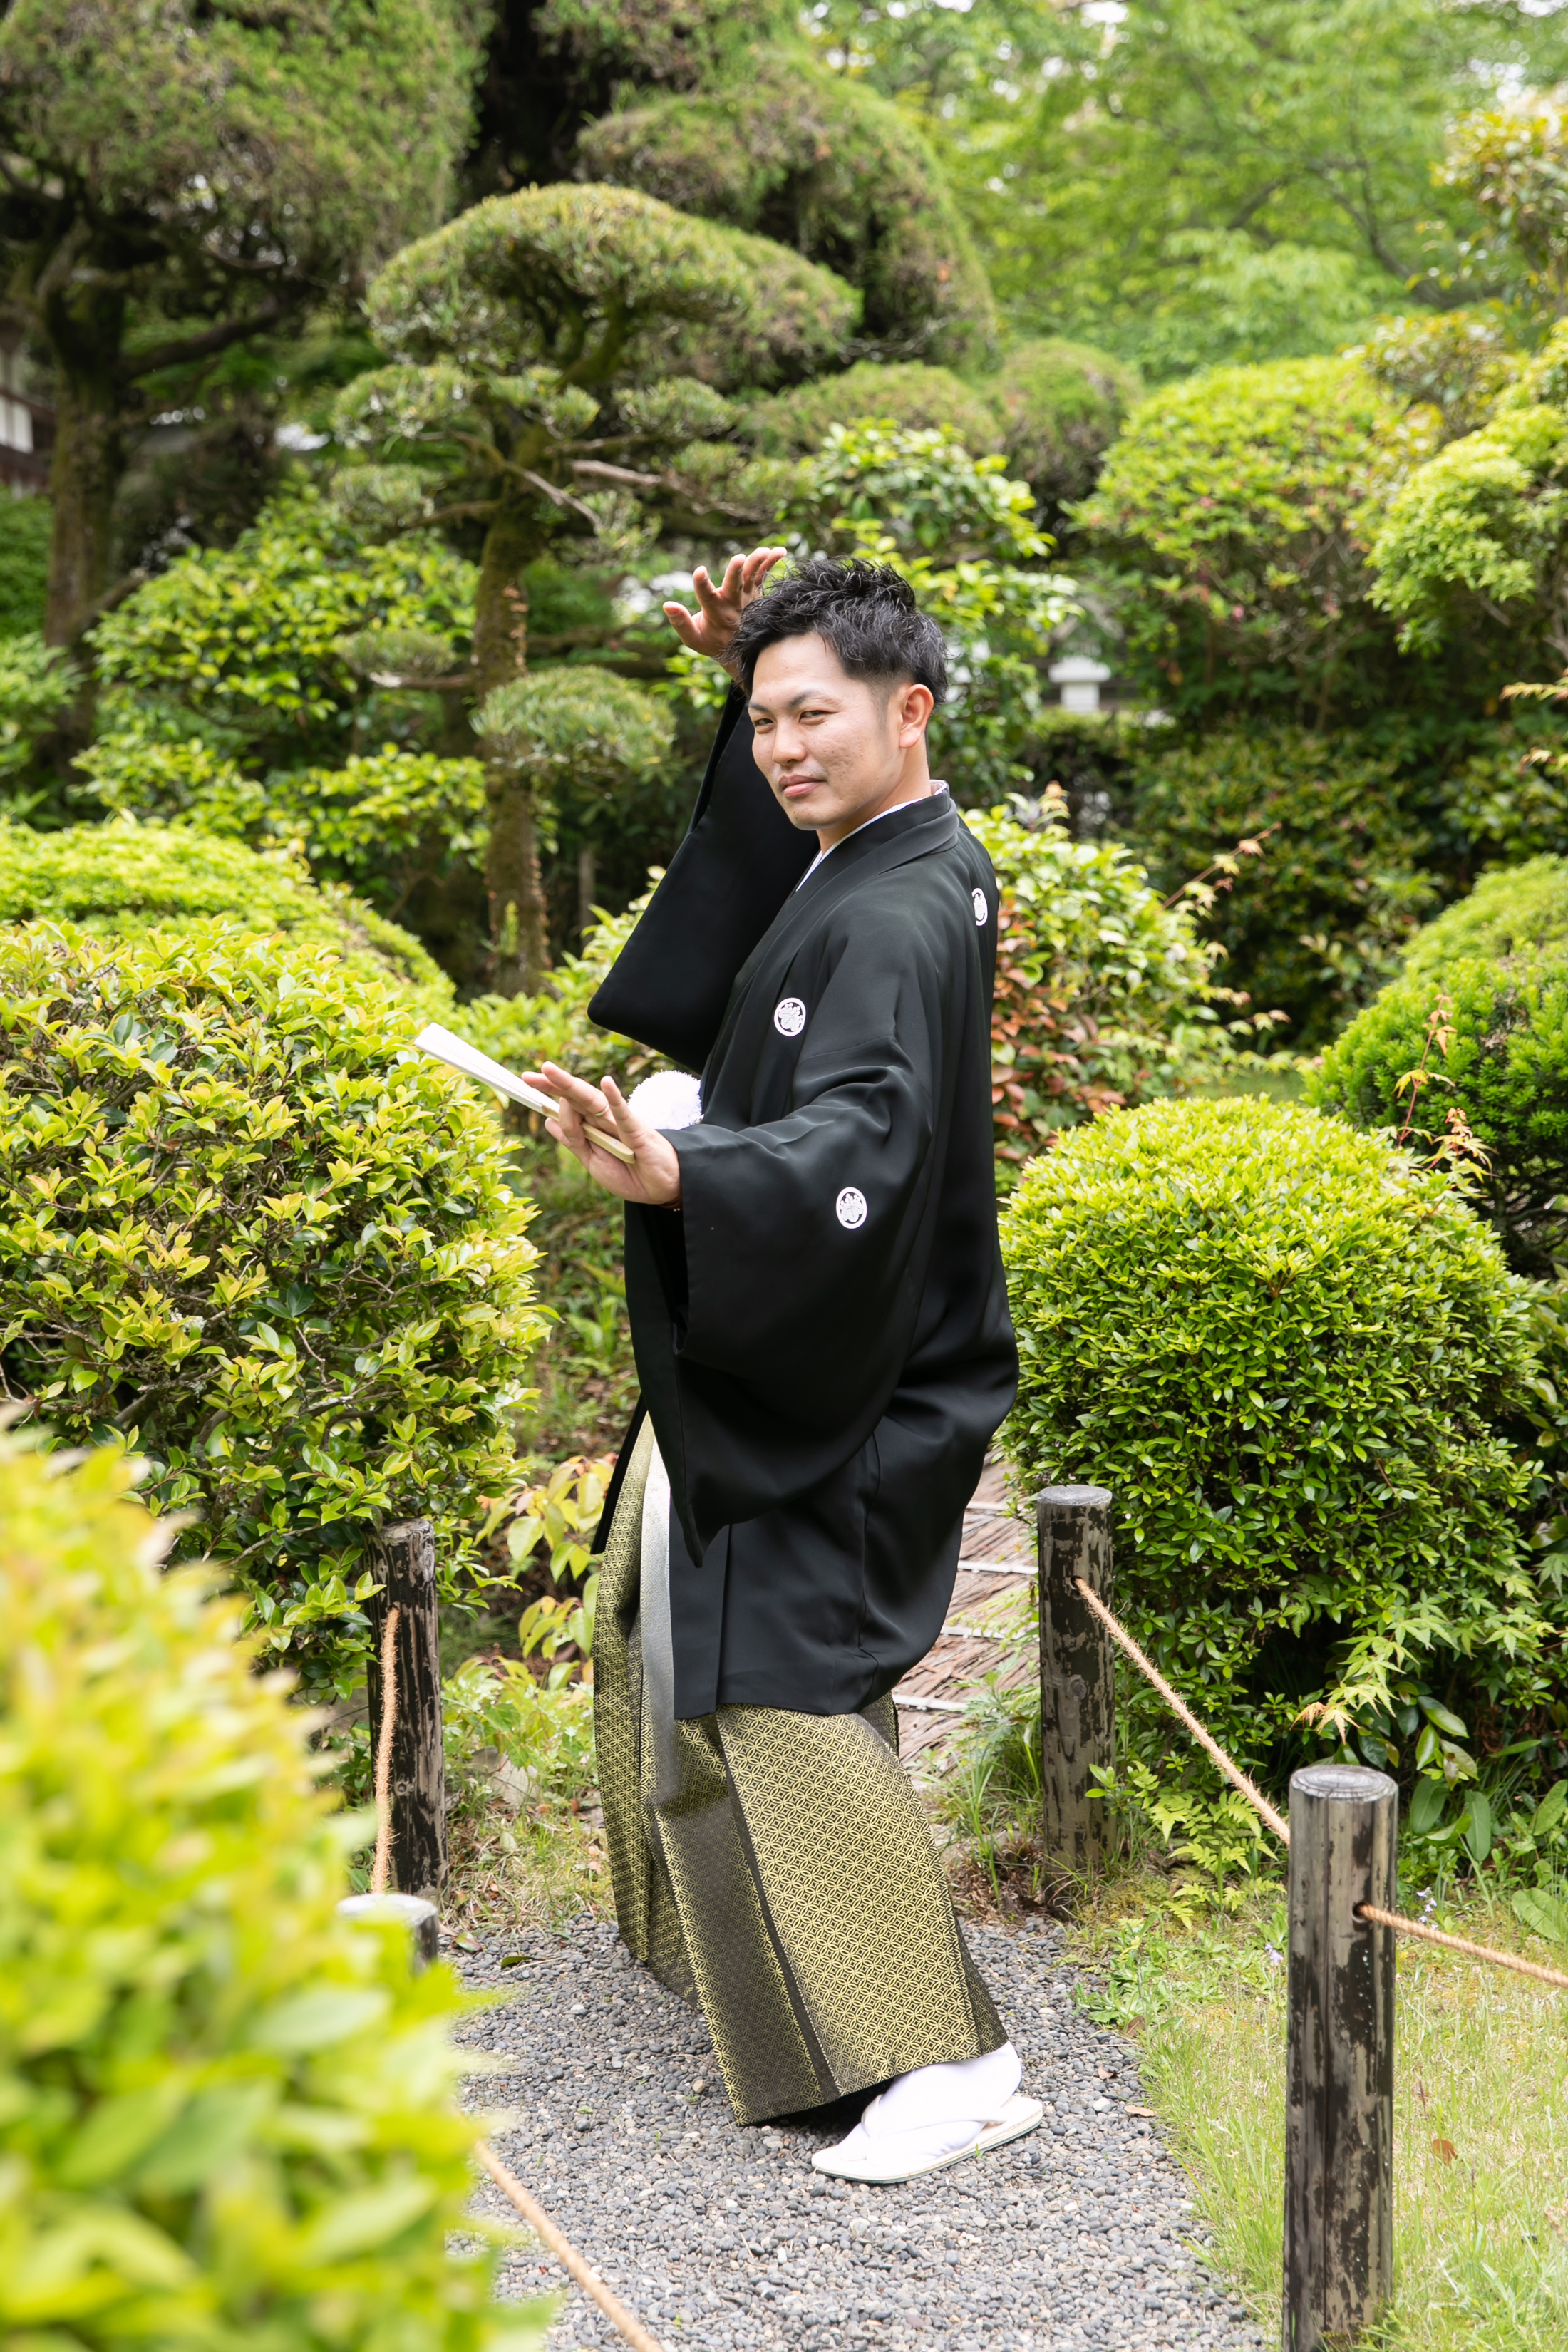 日本髪に角隠しのトラディショナルスタイル 写真